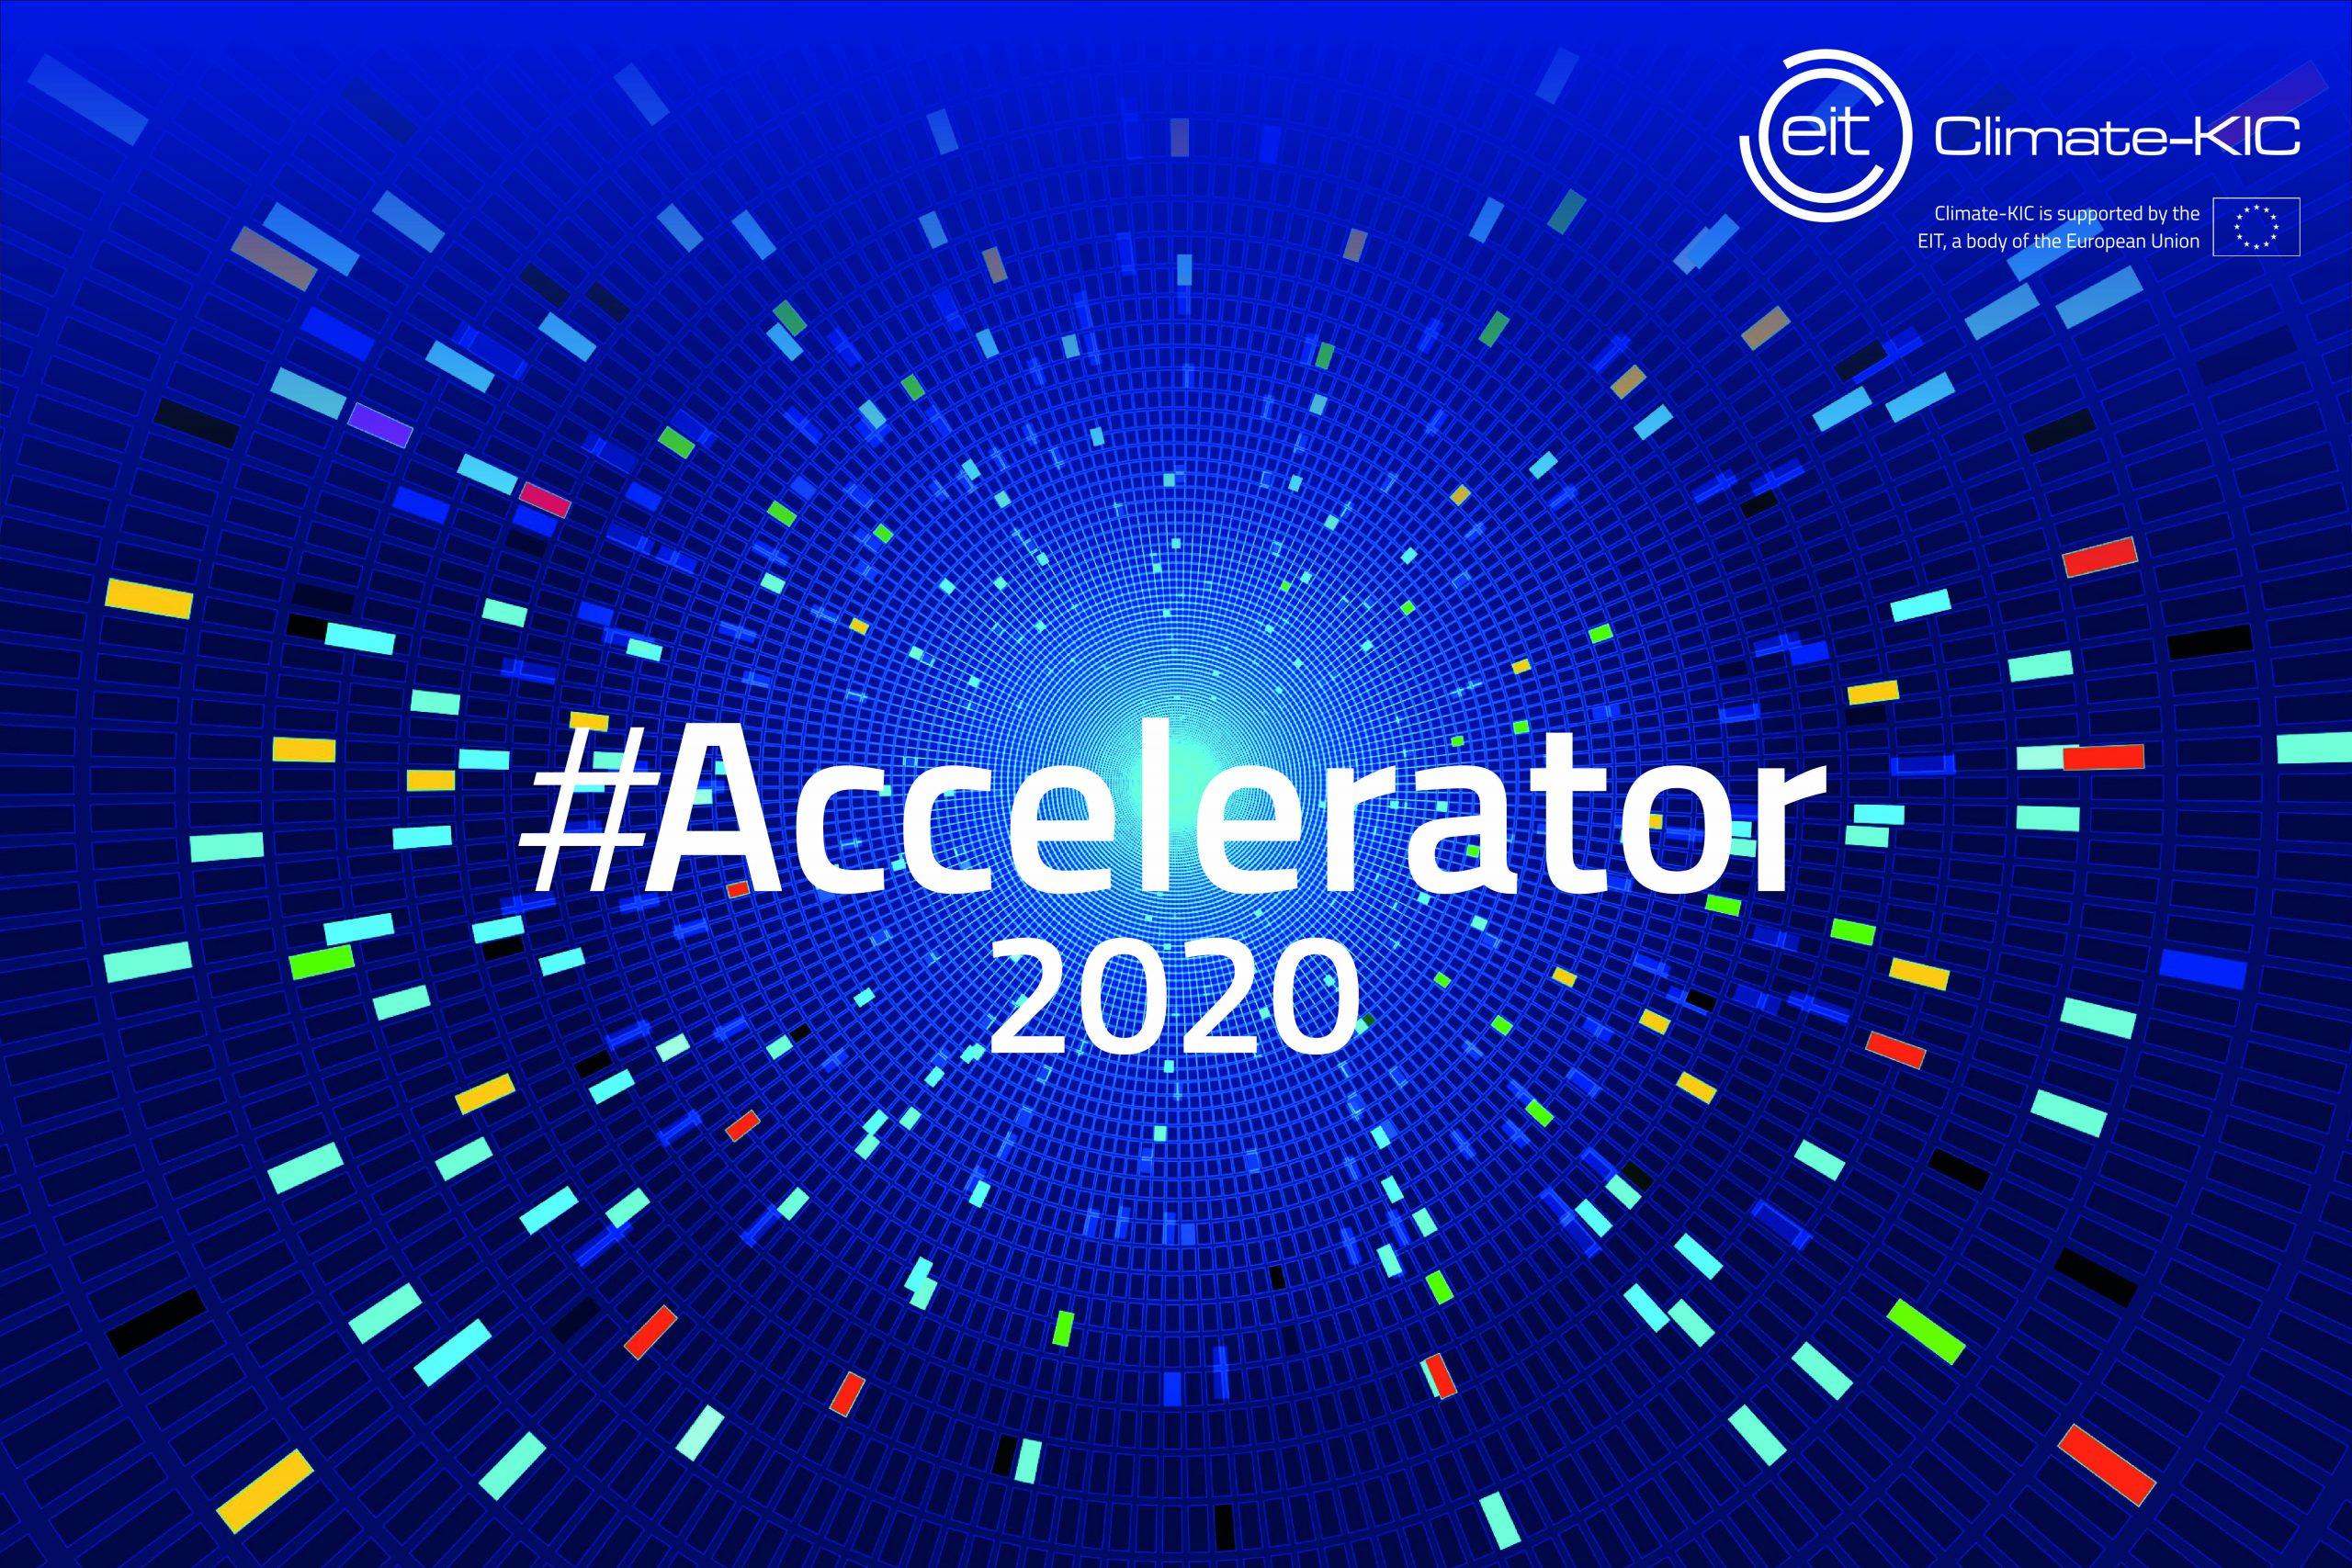 La mayor aceleradora de startups de innovación climática de Europa abre una nueva convocatoria en España